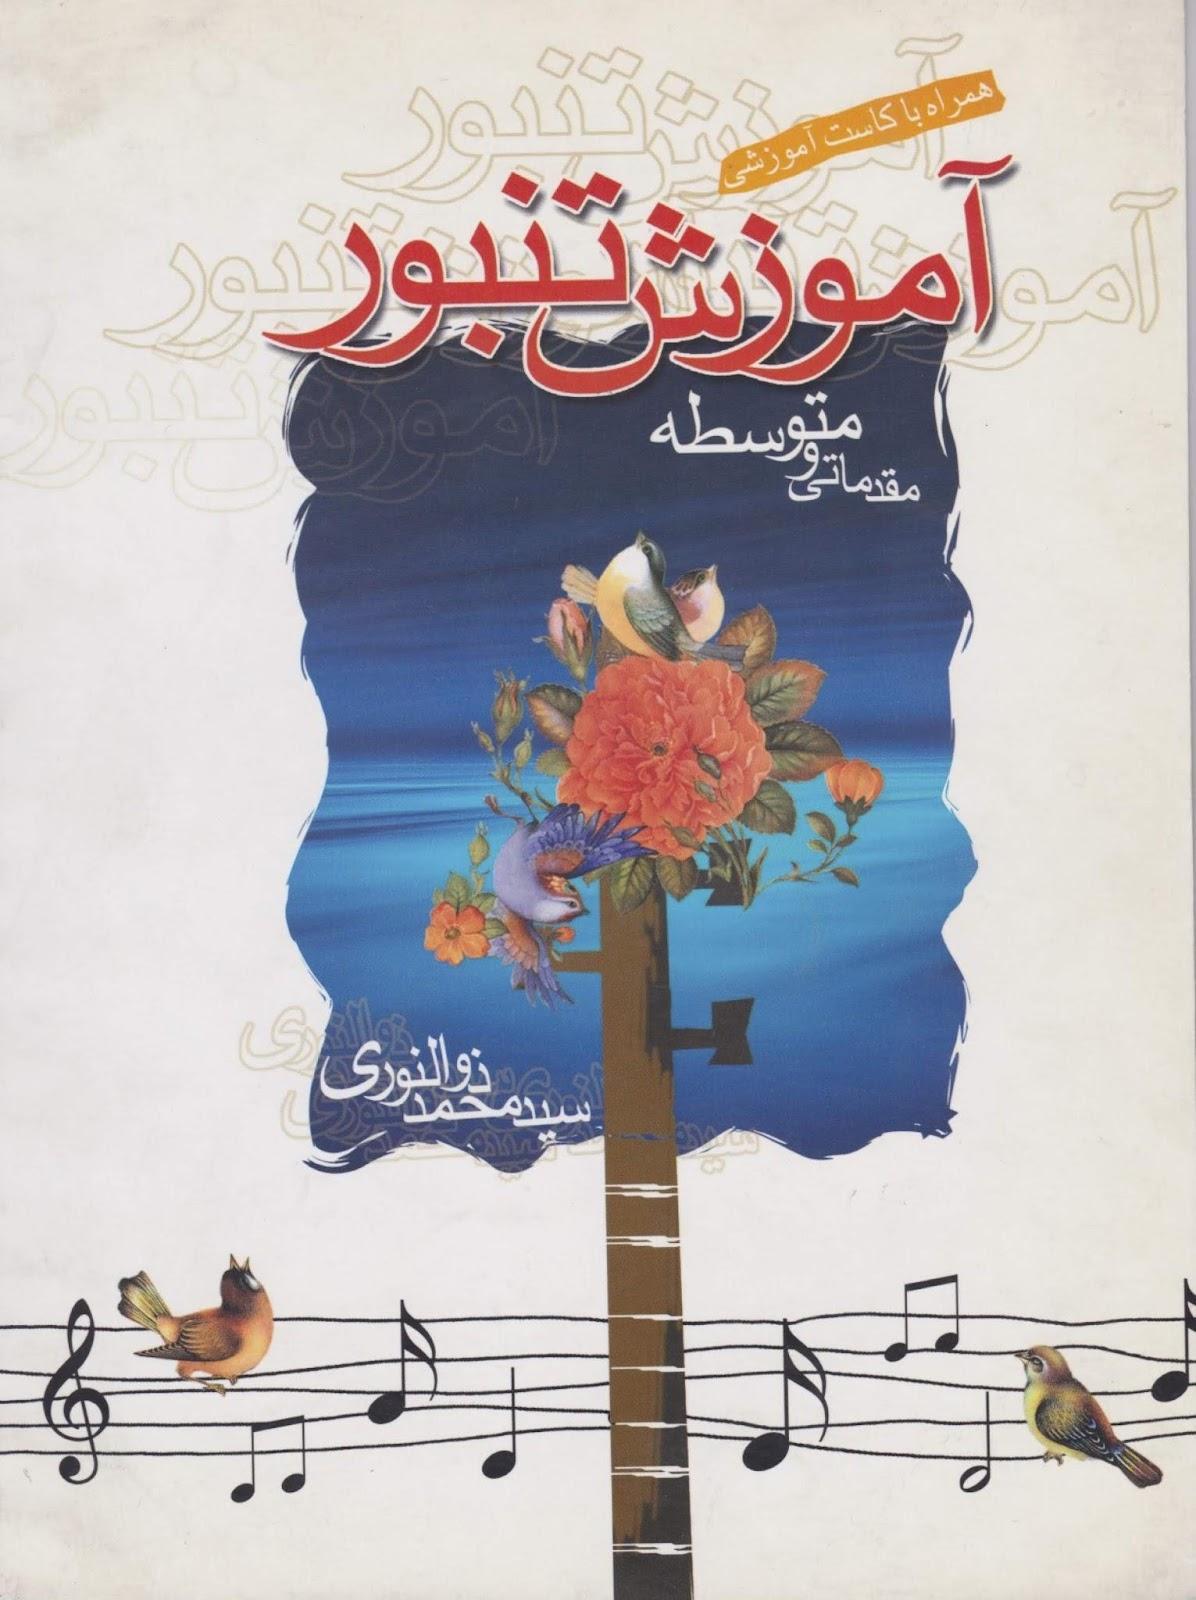 دانلود کتاب آموزش تنبور سید محمد ذوالنوری مقدماتی و متوسطه